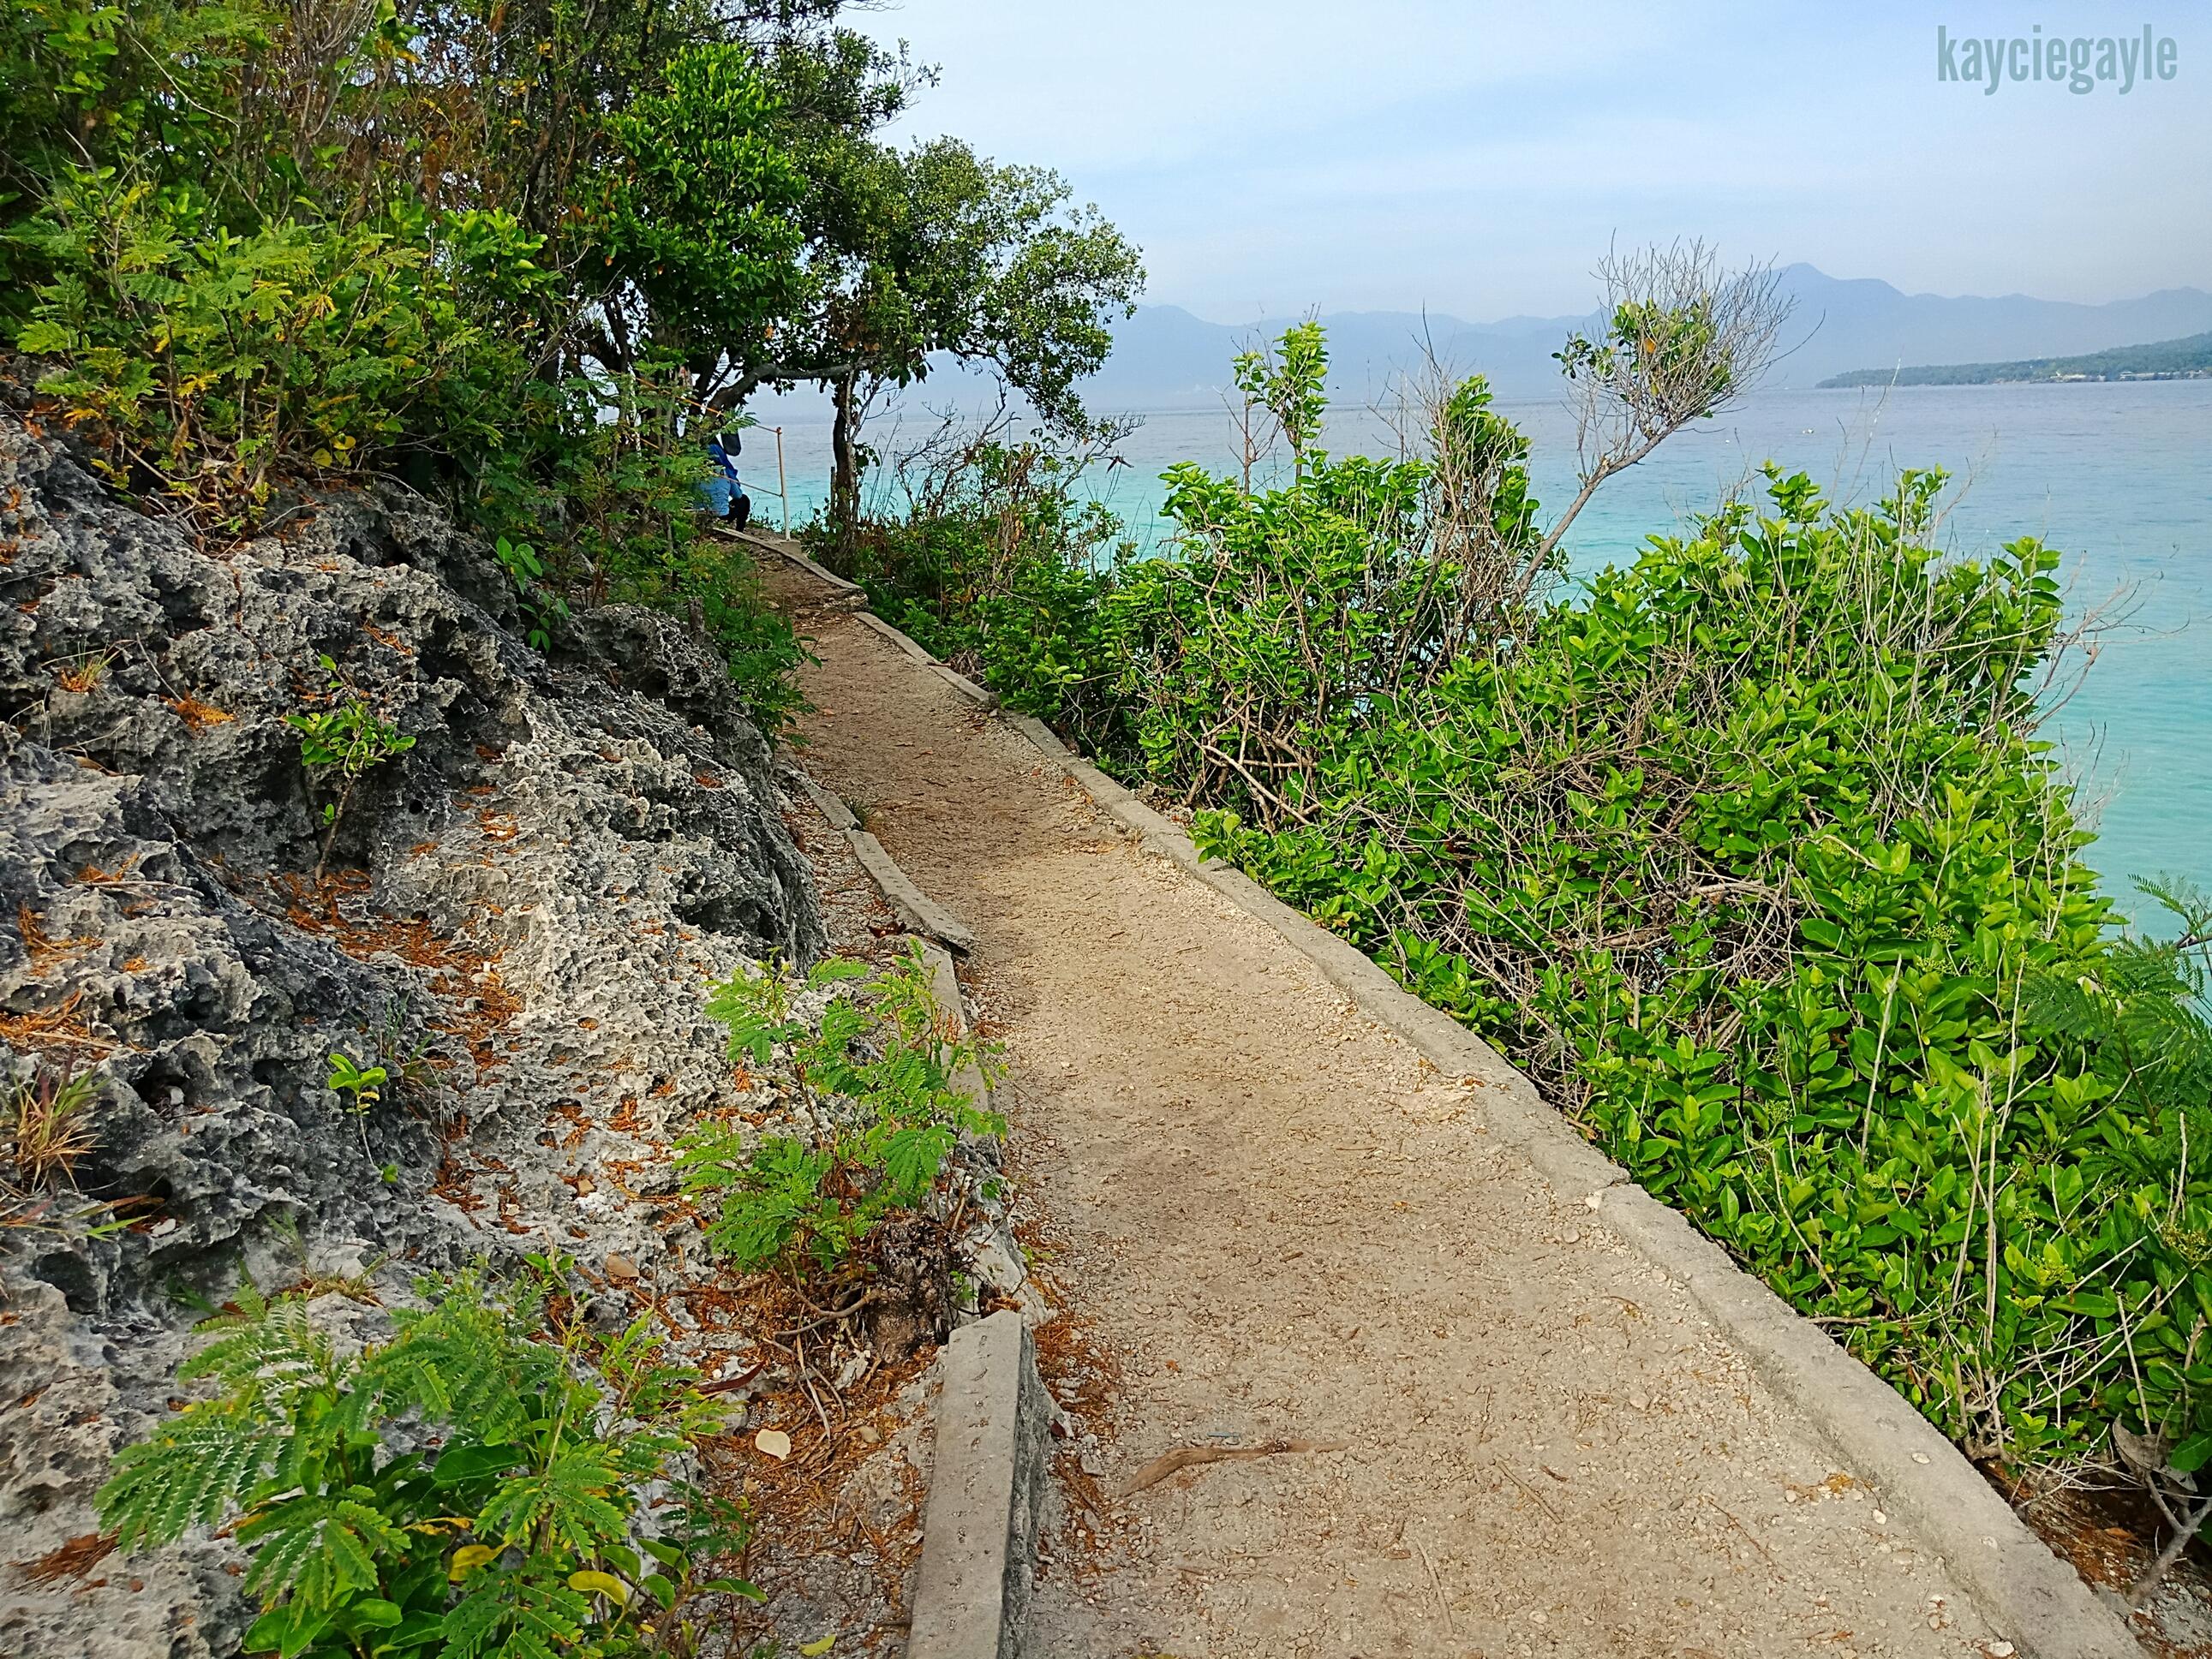 island's pathway